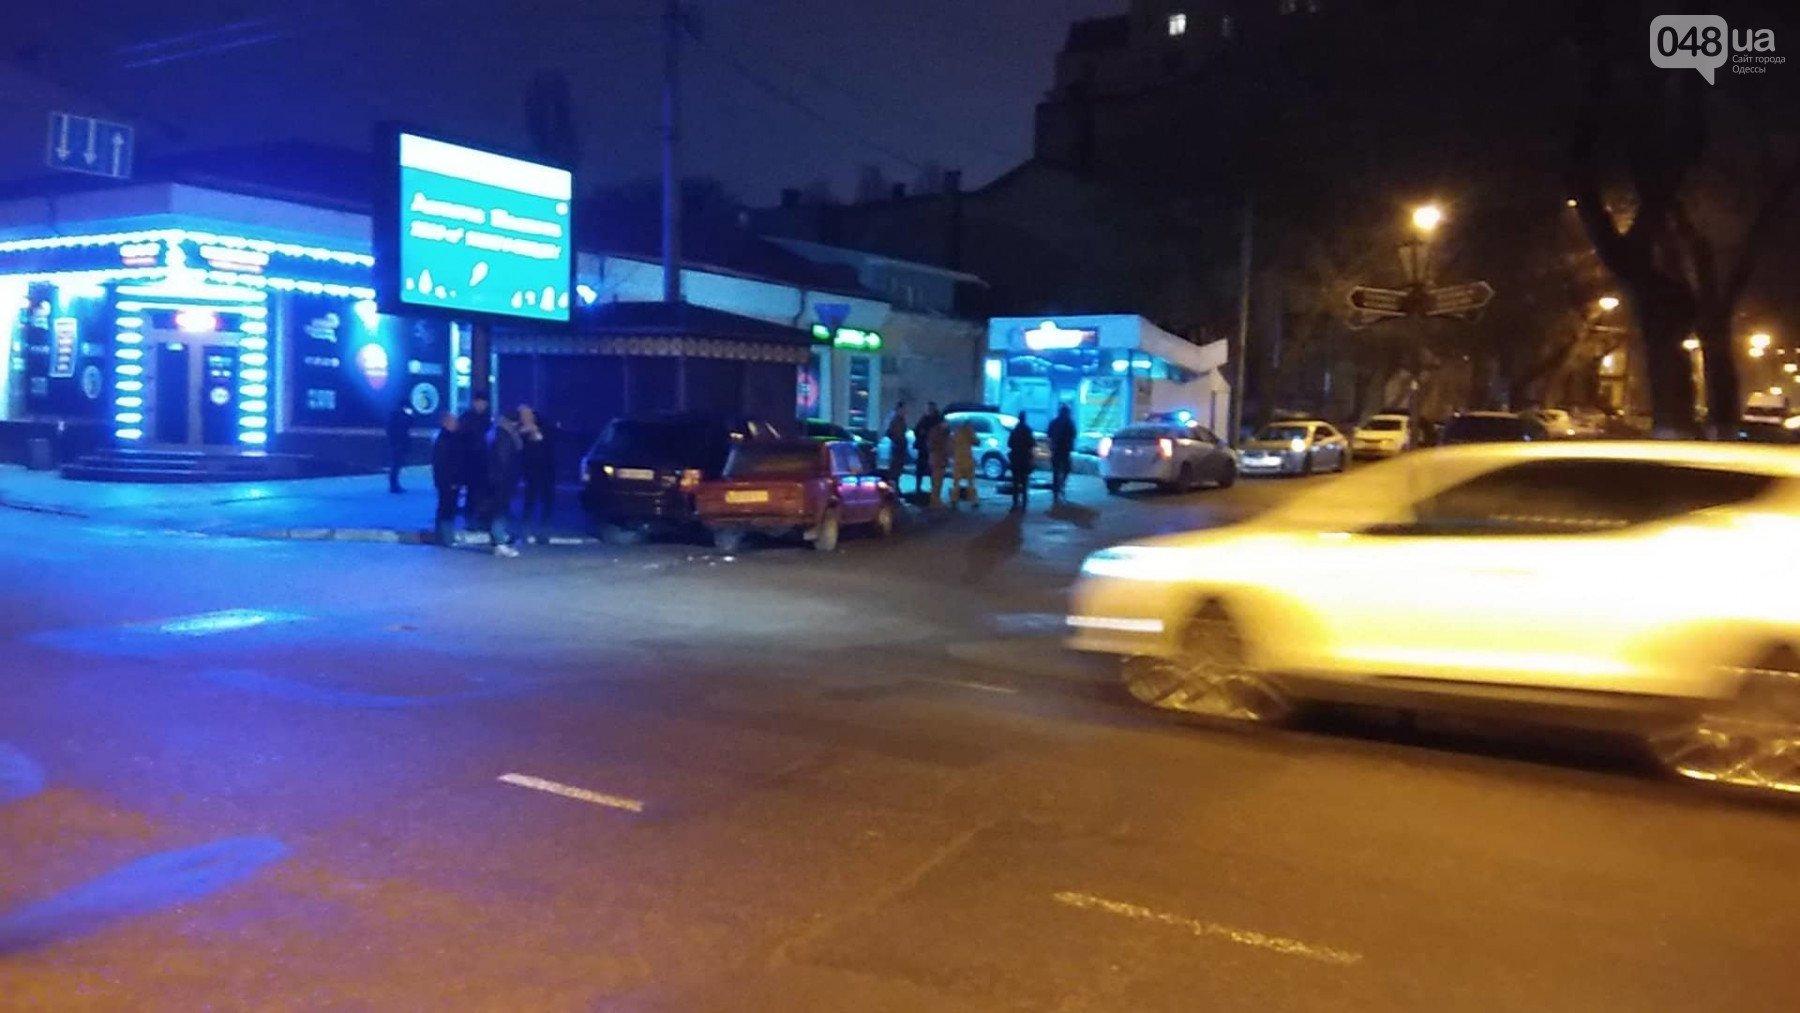 Нардеп попала в серьезное ДТП в Одессе: первые подробности и фото с места